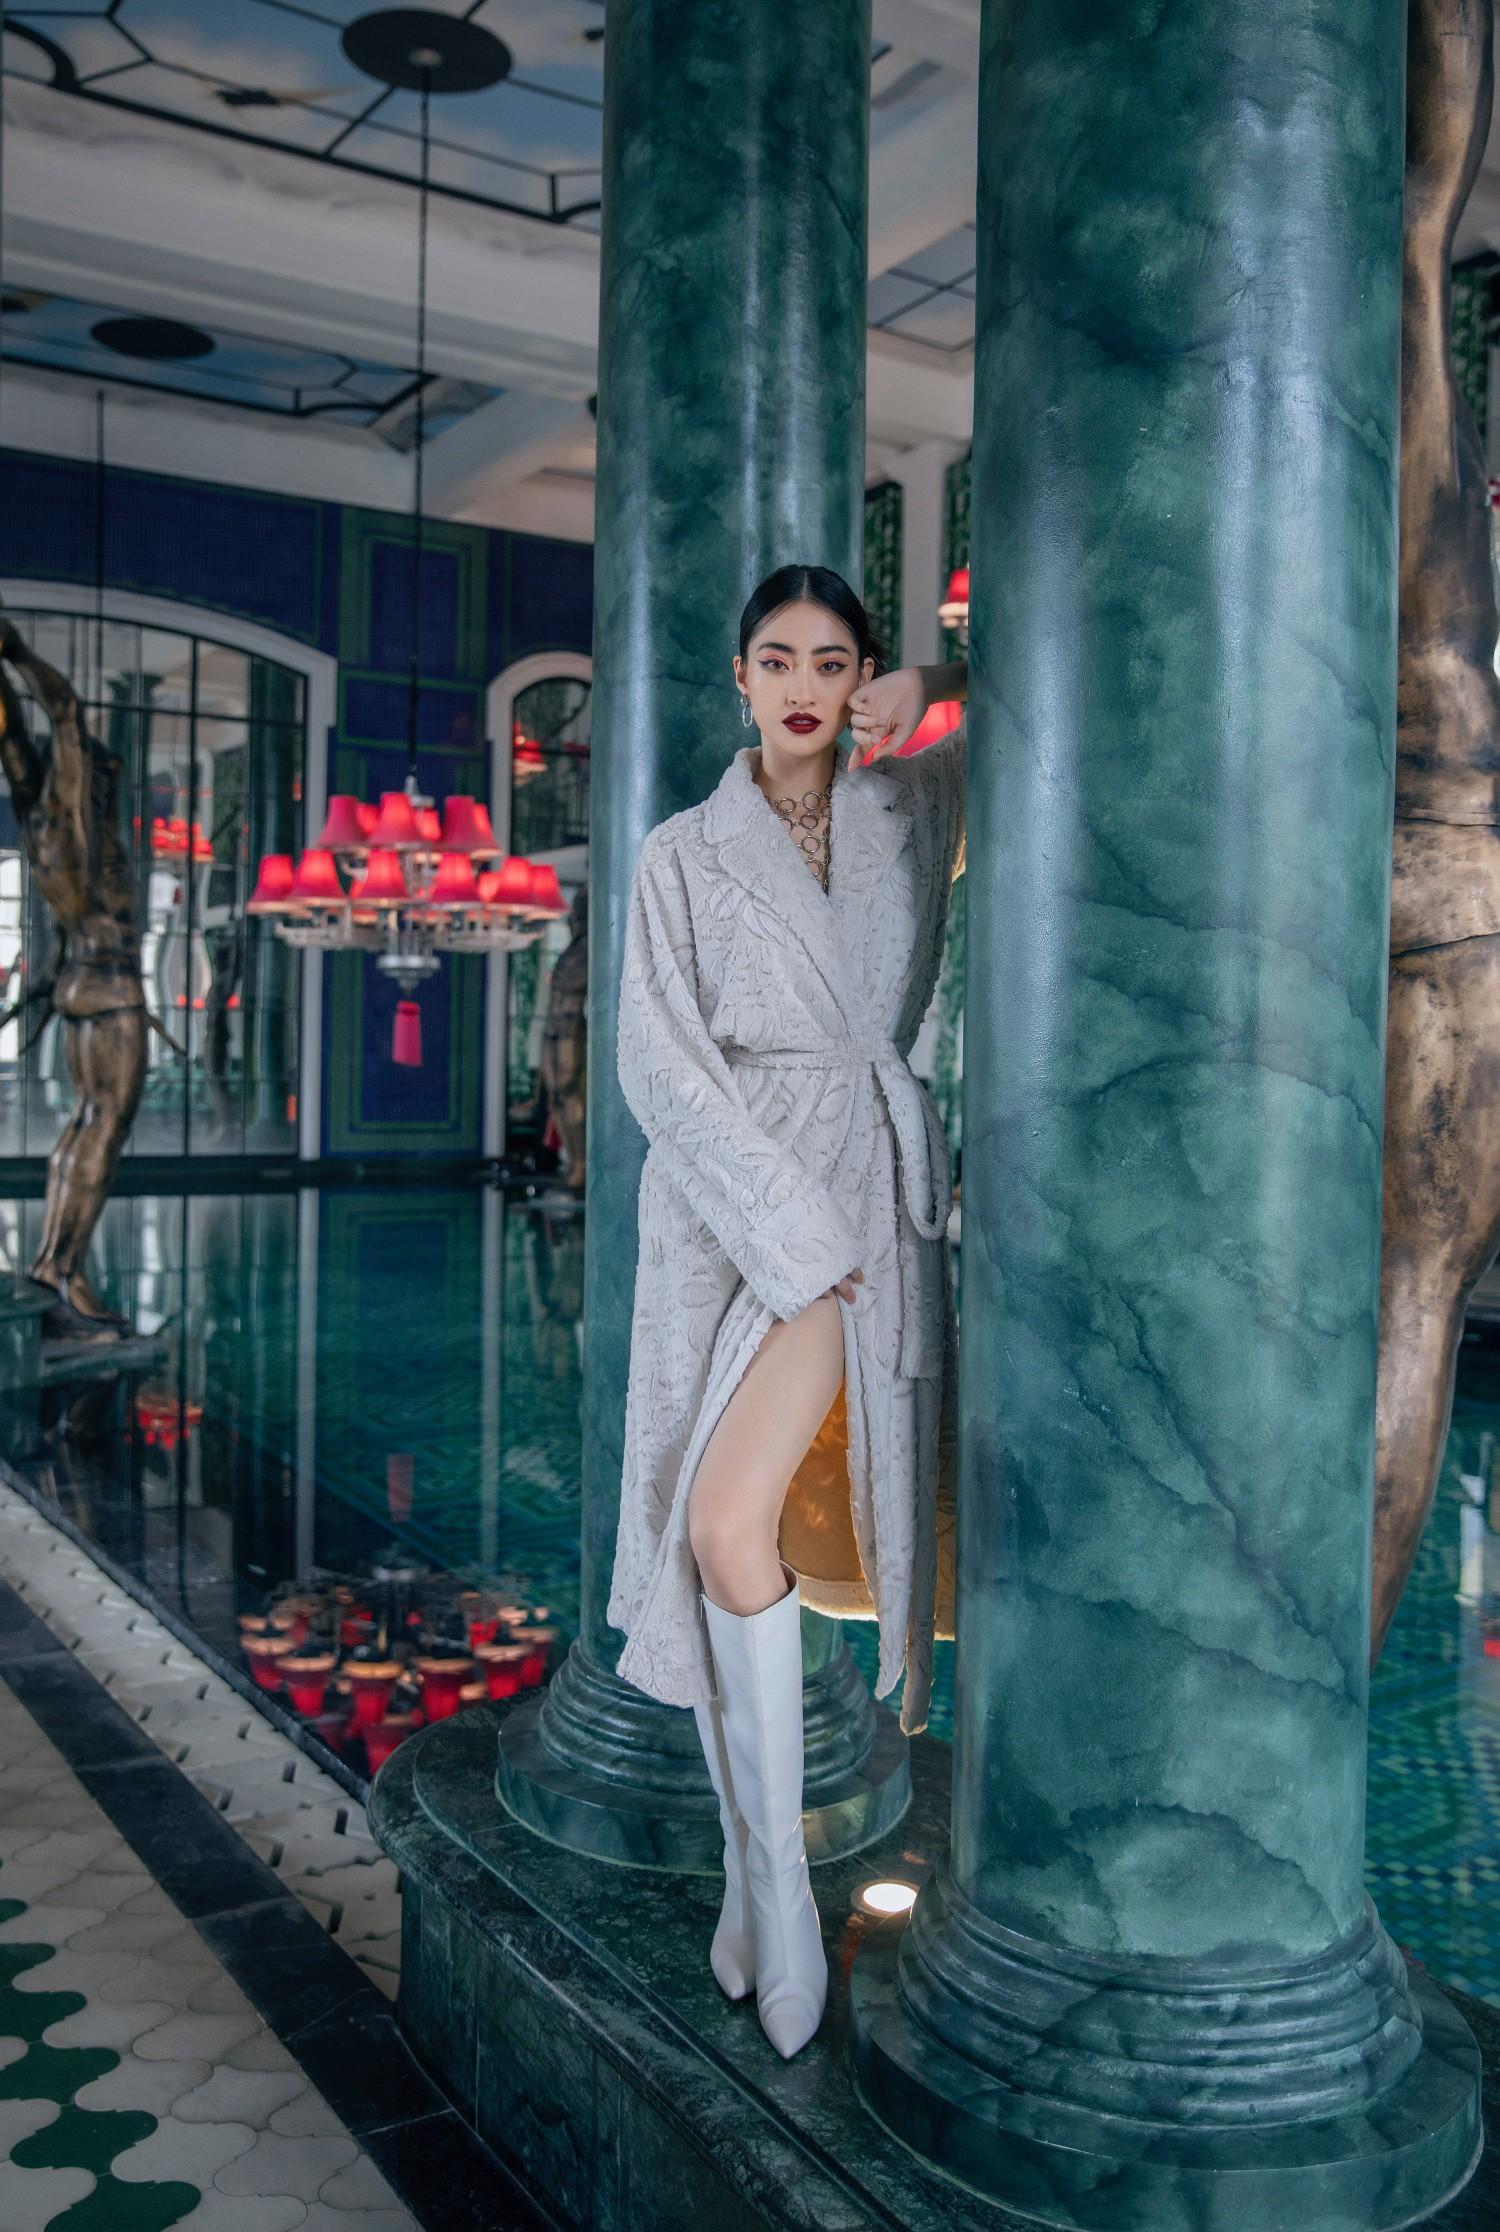 Hoa hậu Lương Thùy Linh ngày càng lột xác sau 6 tháng đăng quang Ảnh 5